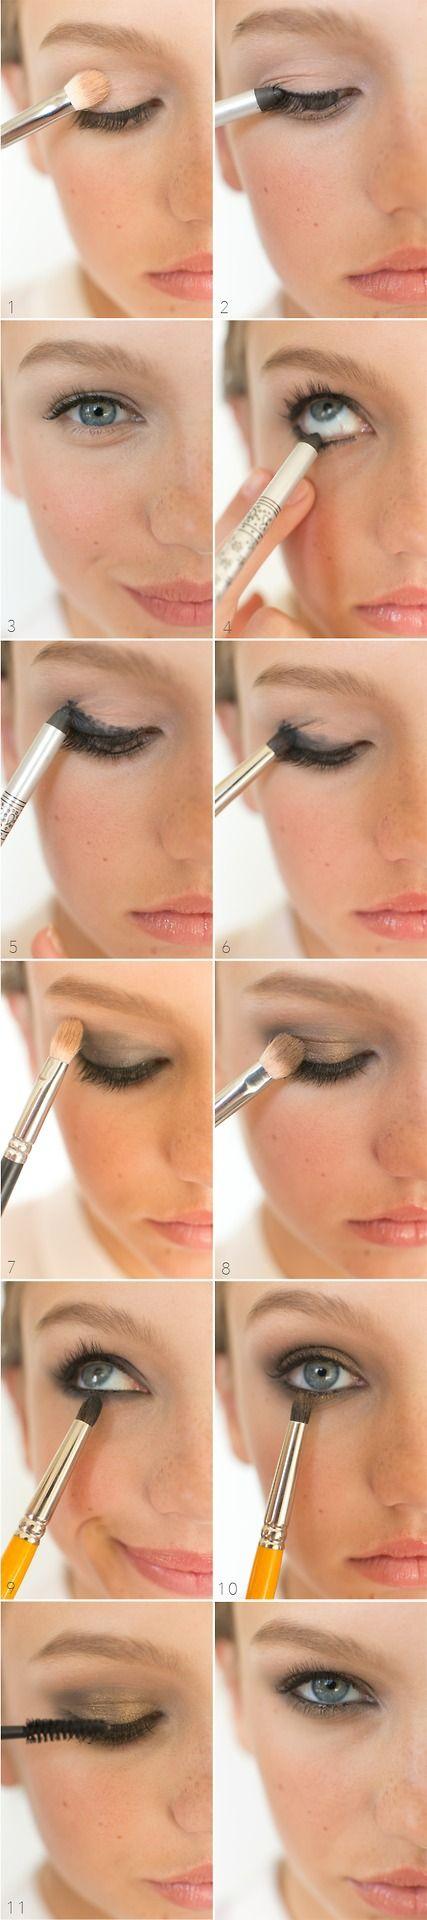 Smoldering Smokey Eyes 1 Prep The Whole Eyelid And Under Eye With